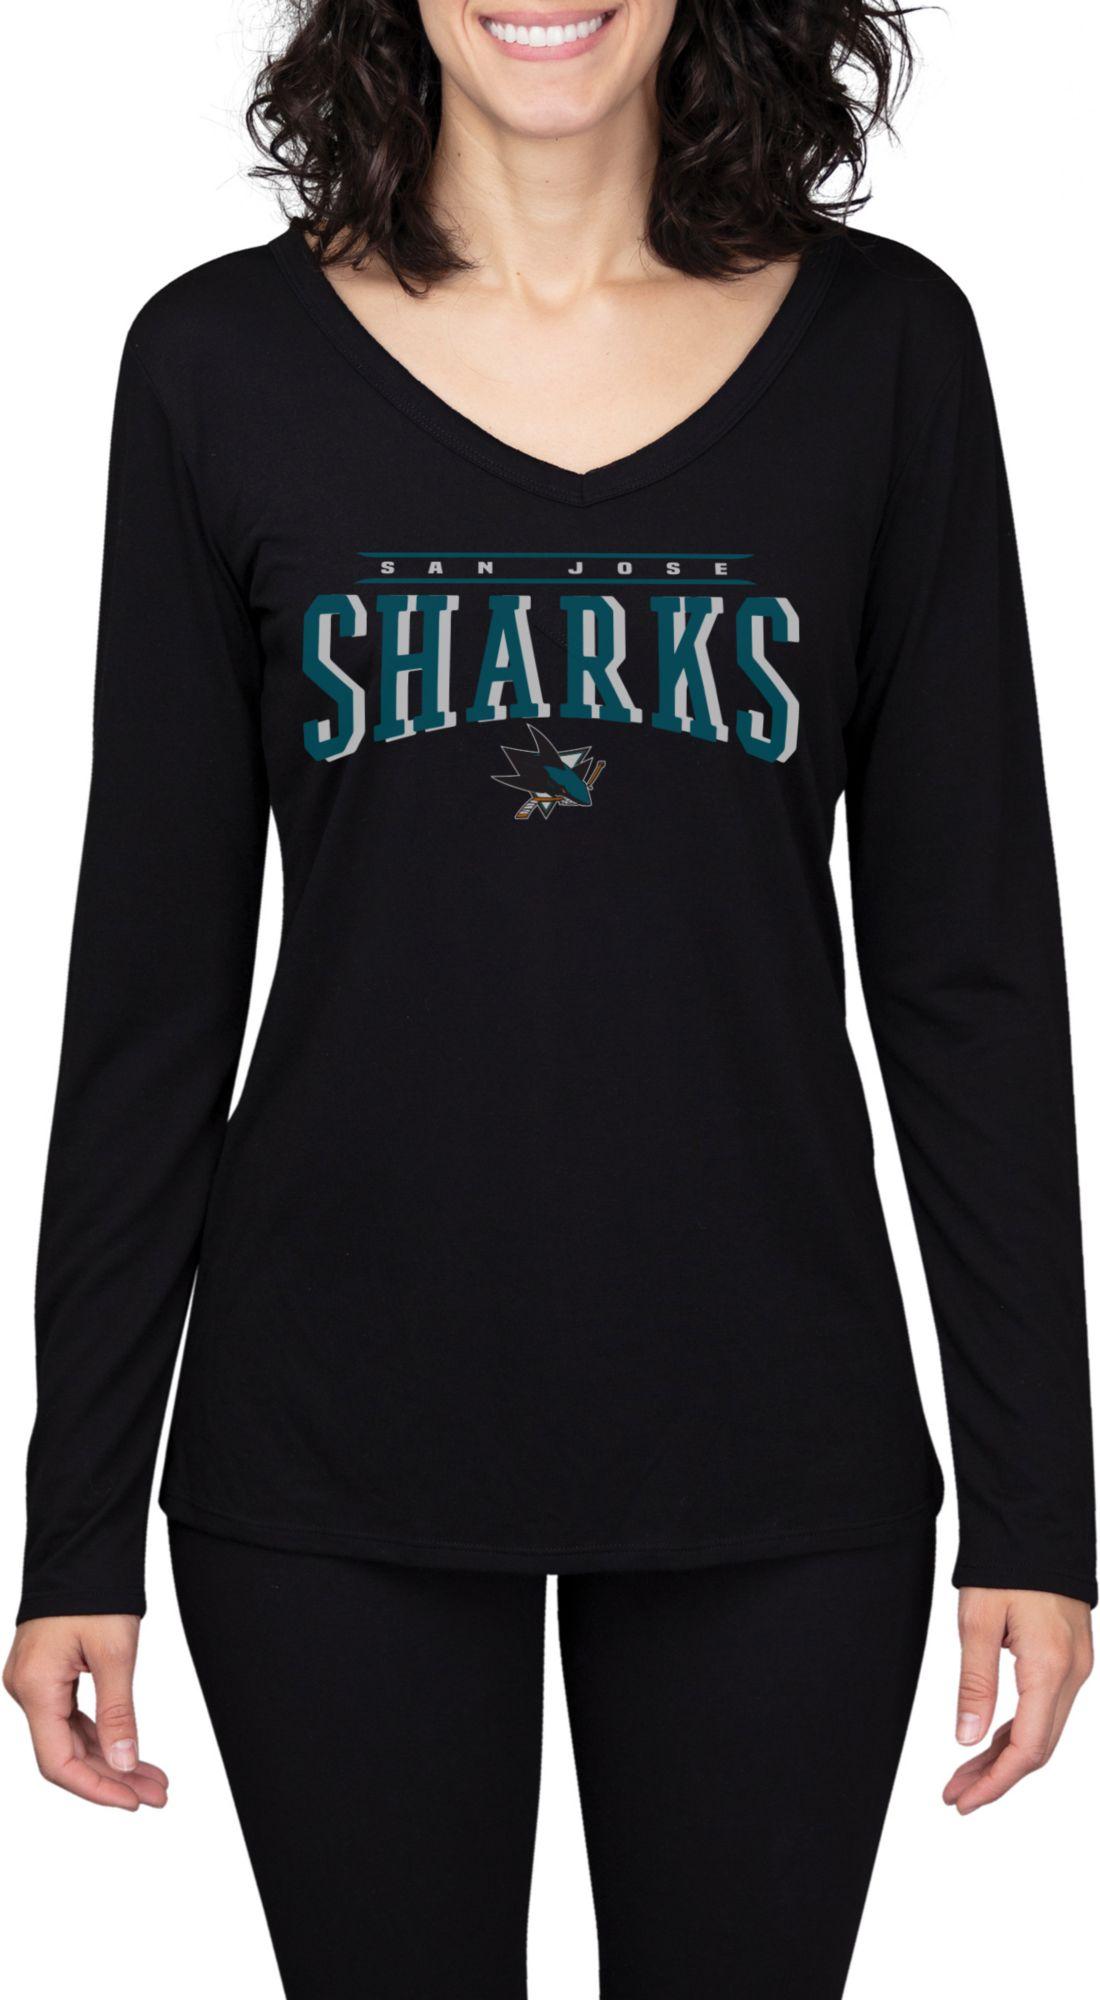 san jose sharks women's jersey